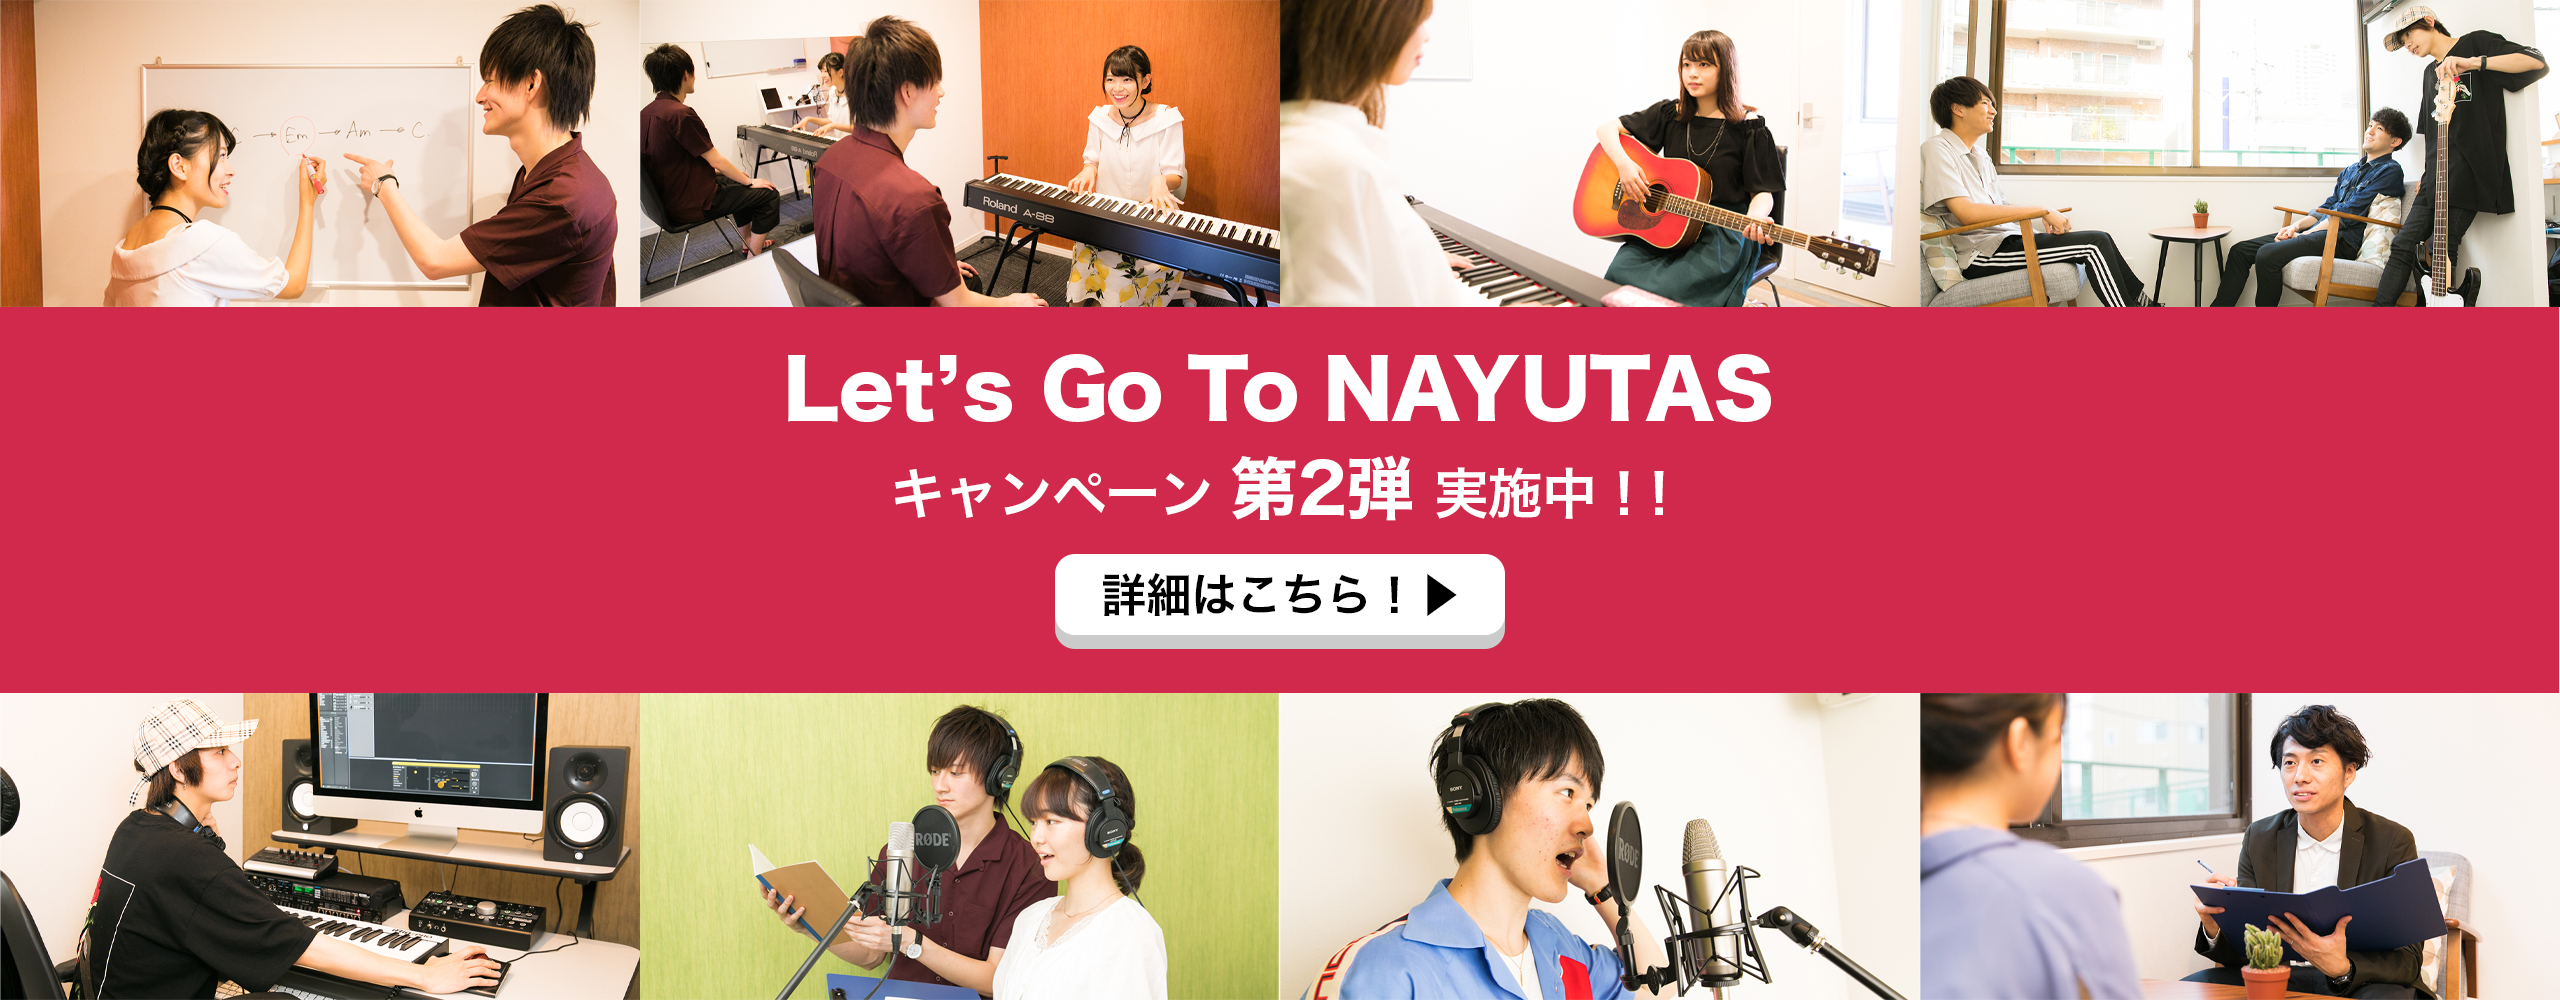 Let's go to NAYUTASキャンペーン開催中!